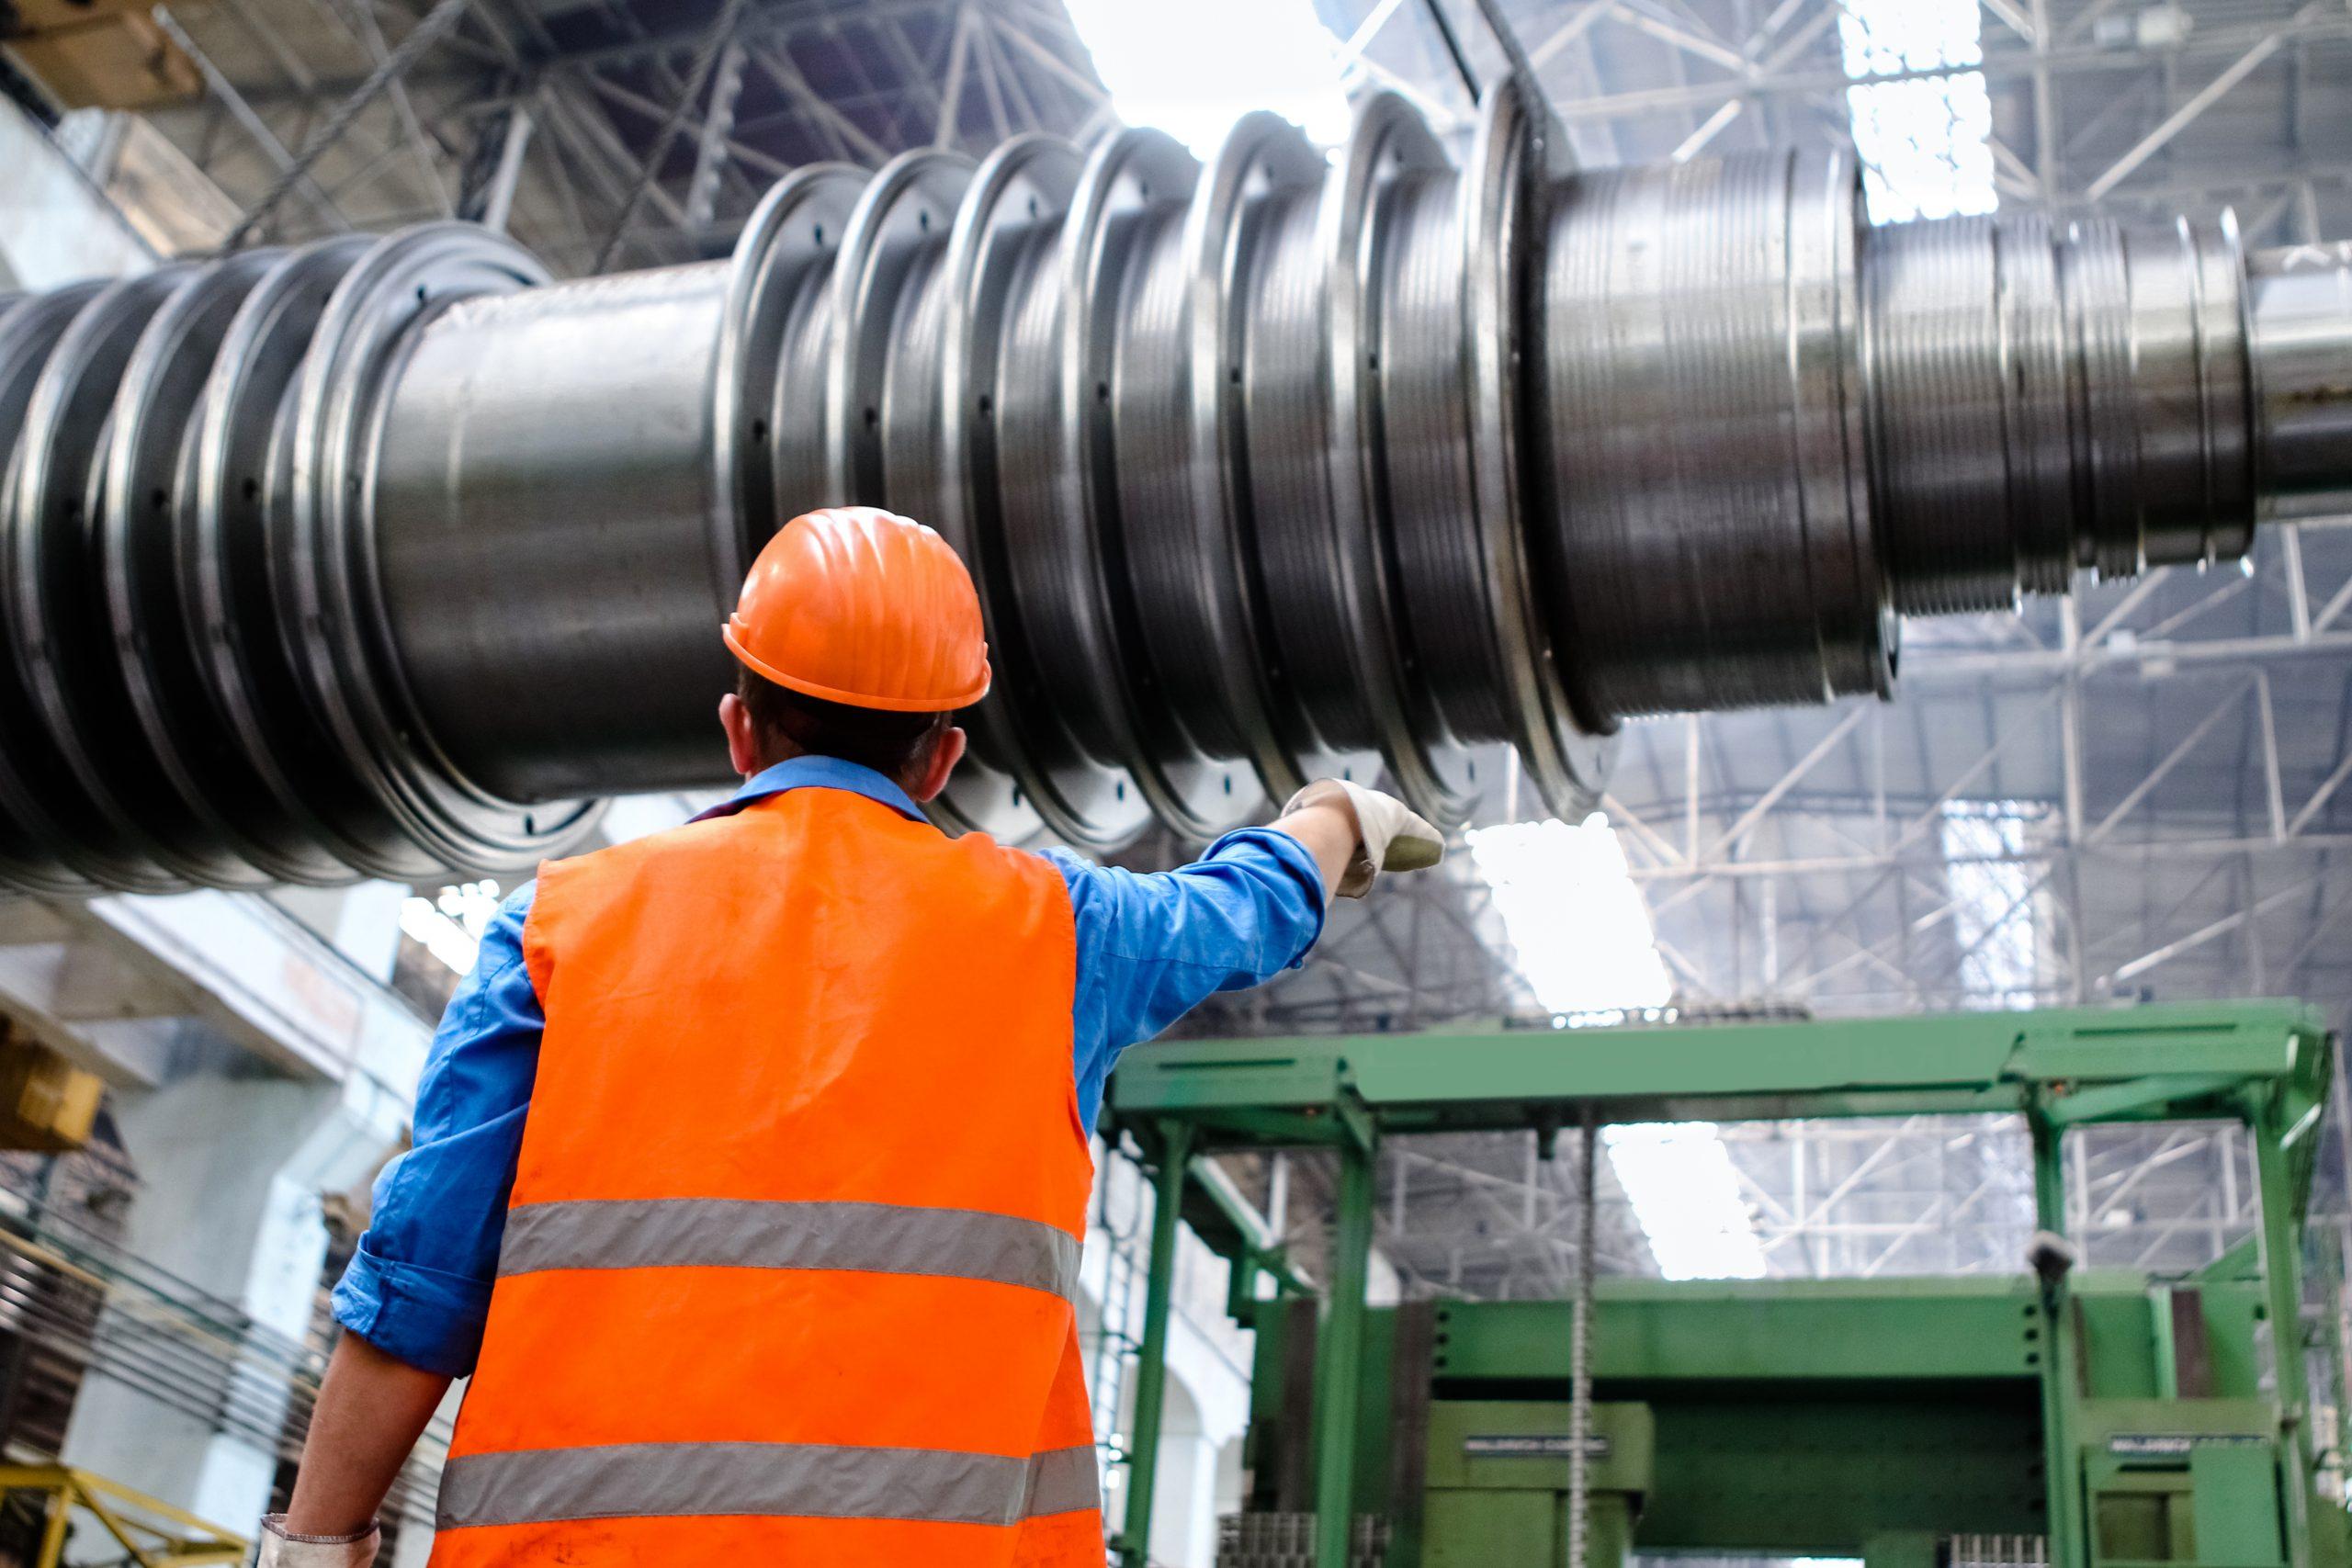 Thực hiện phục hồi bảo trì thiết bị tại phân xưởng